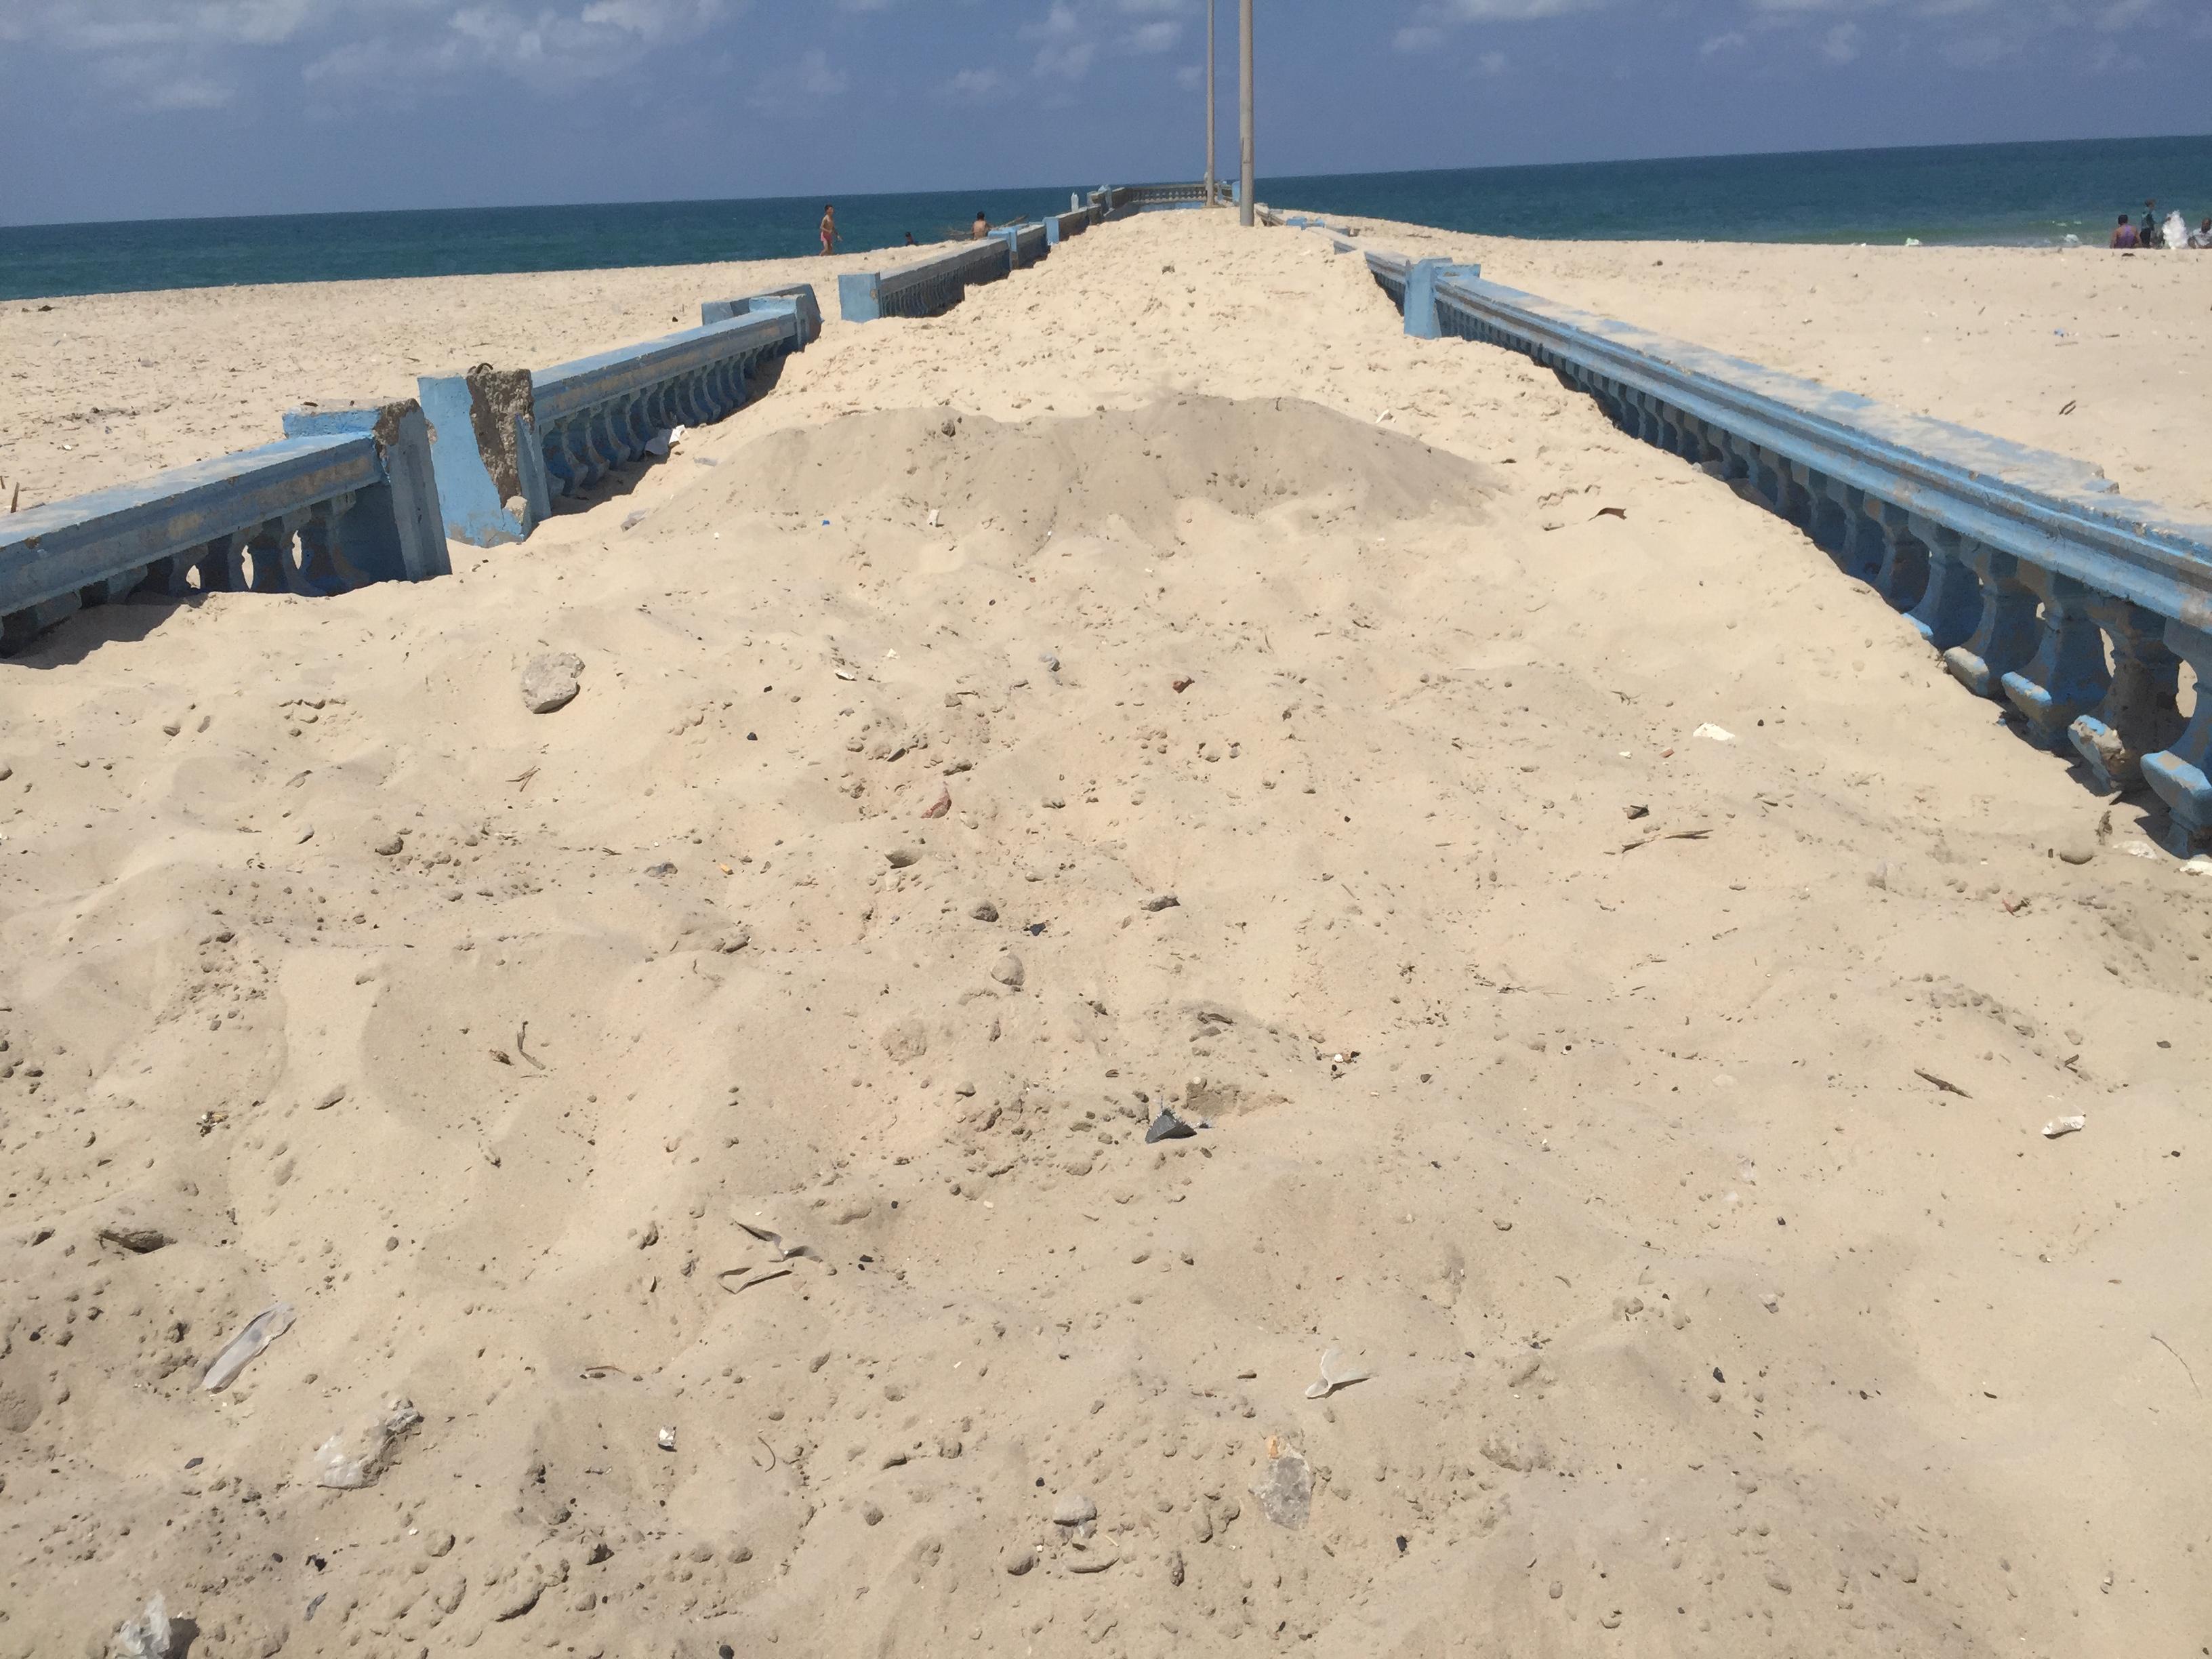 الرمال تلتهم ألسنة الكورنيش (2)